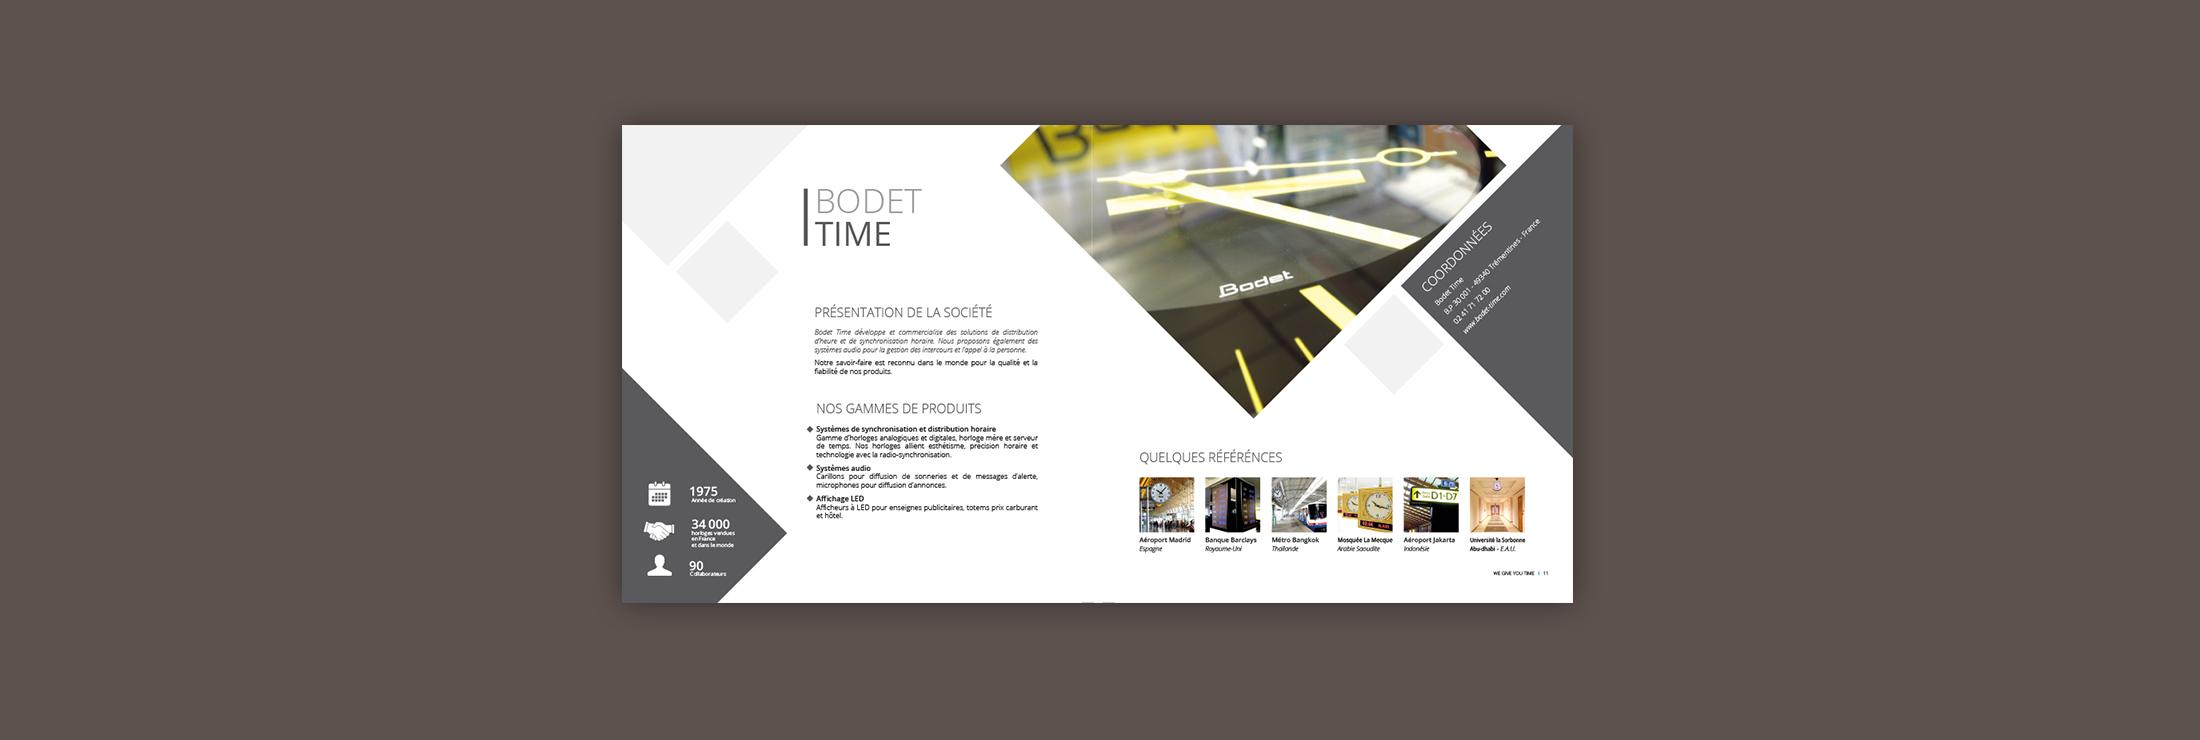 bodet-osb-communication-print-plaquette-interieur